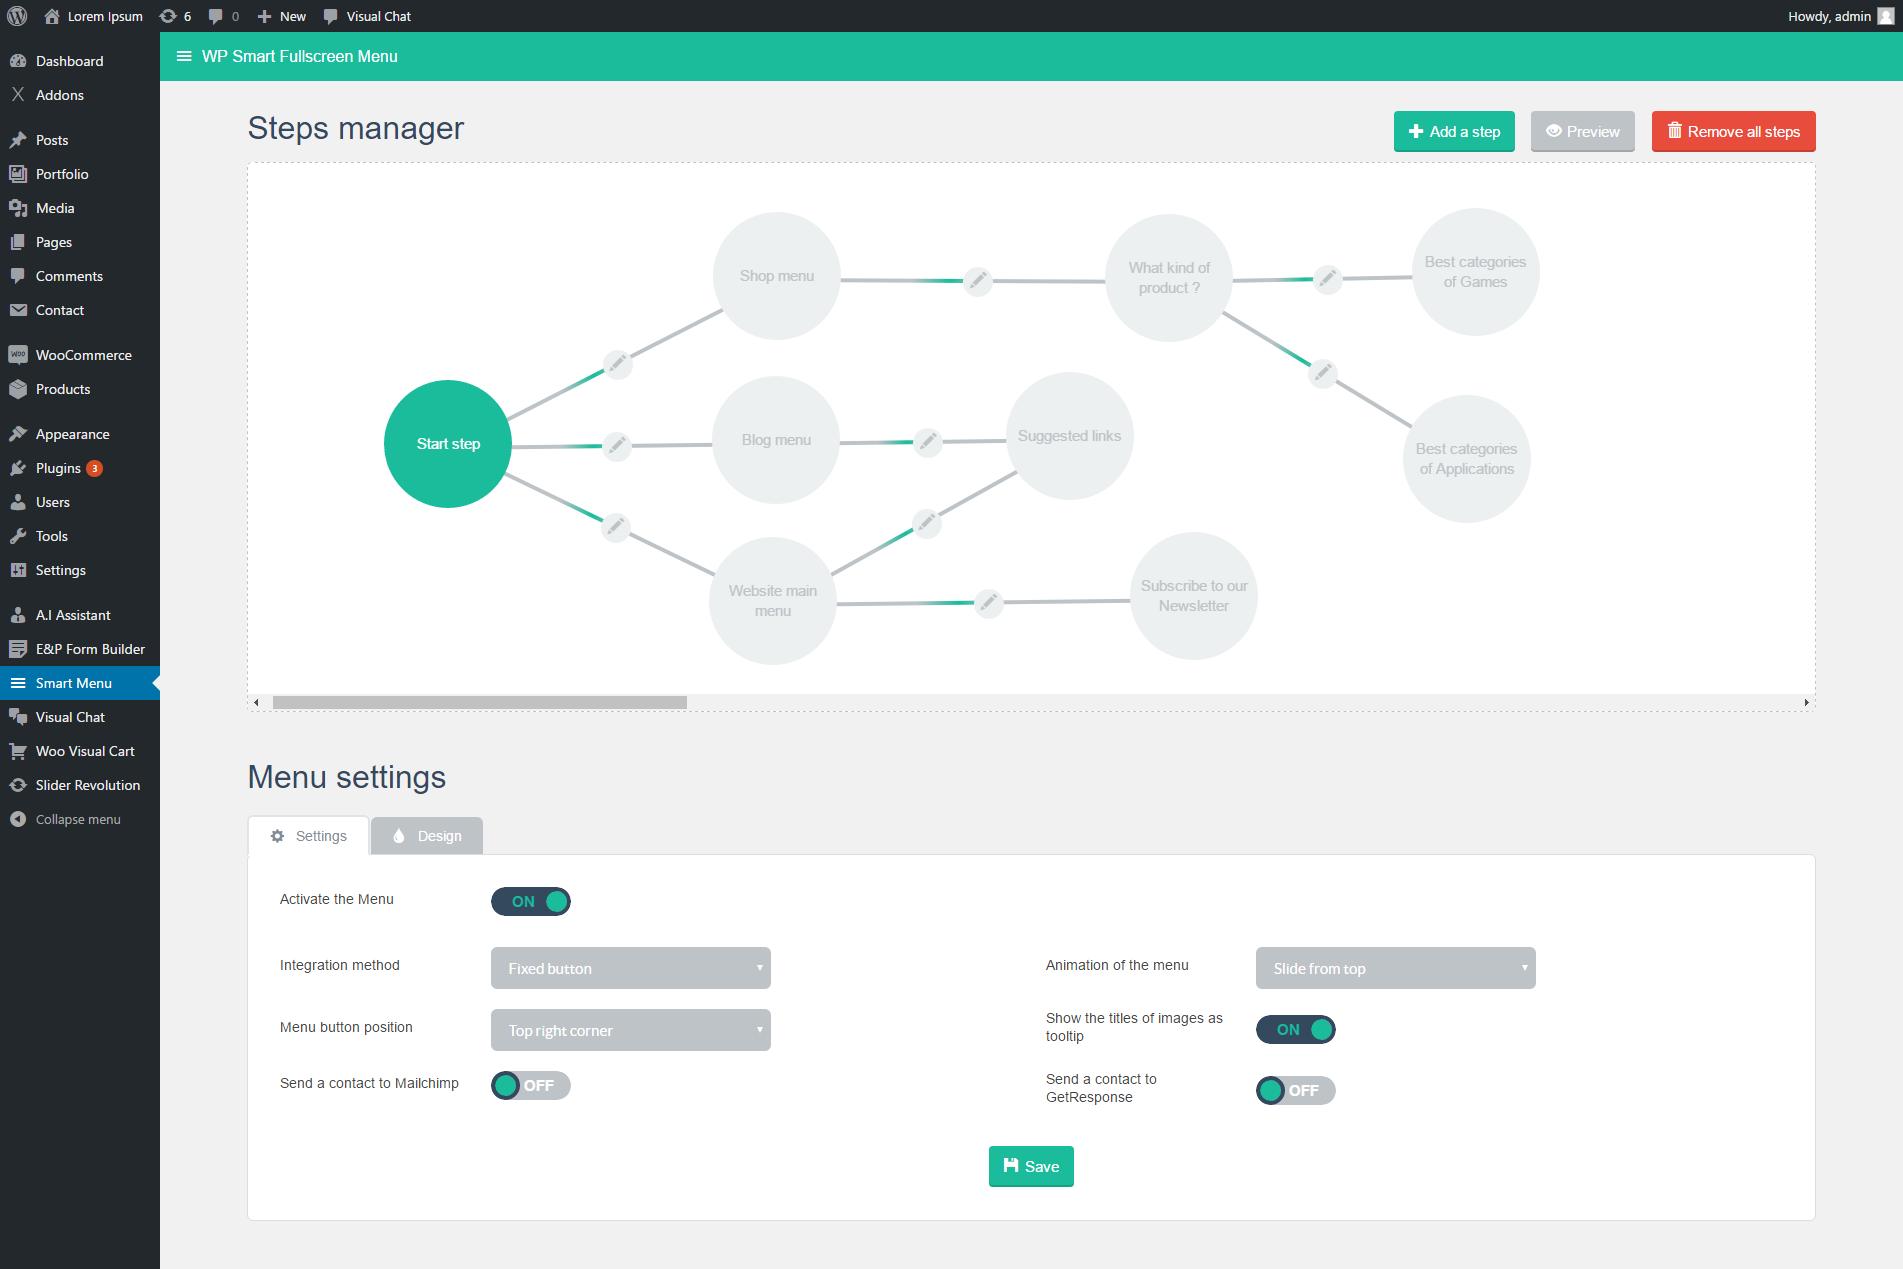 WP Smart Fullscreen Menu by loopus   CodeCanyon